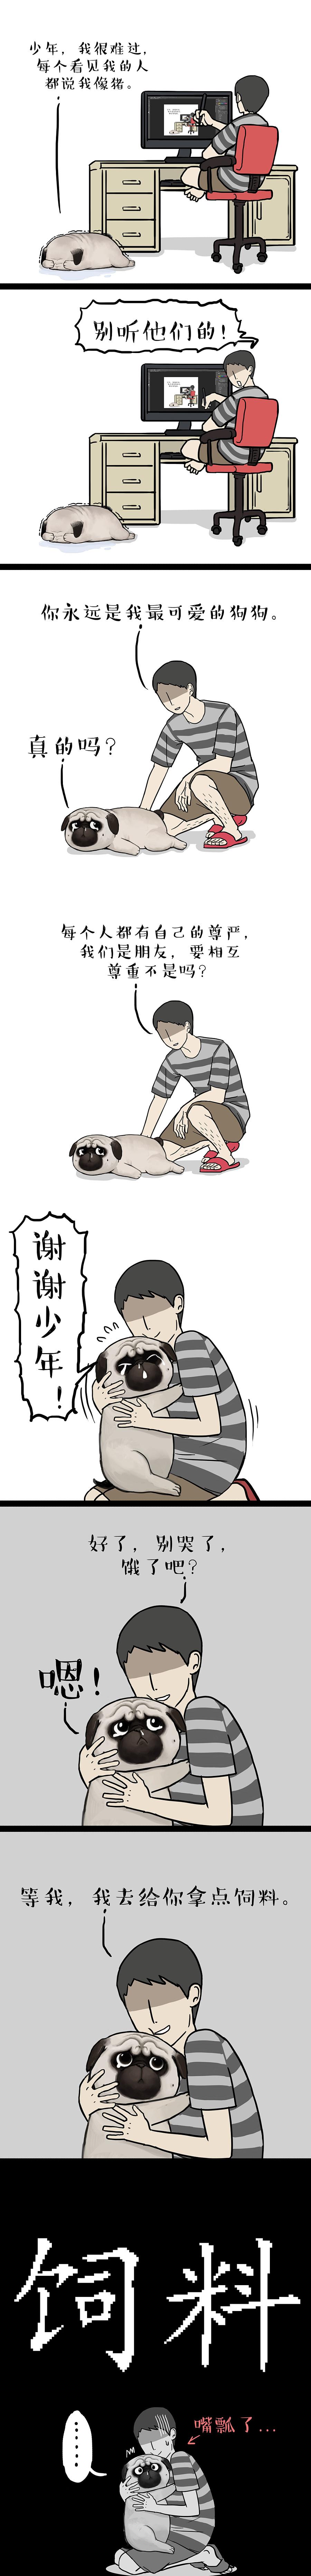 查看《神啊,走点心吧!每只狗都不容易。》原图,原图尺寸:989x8194